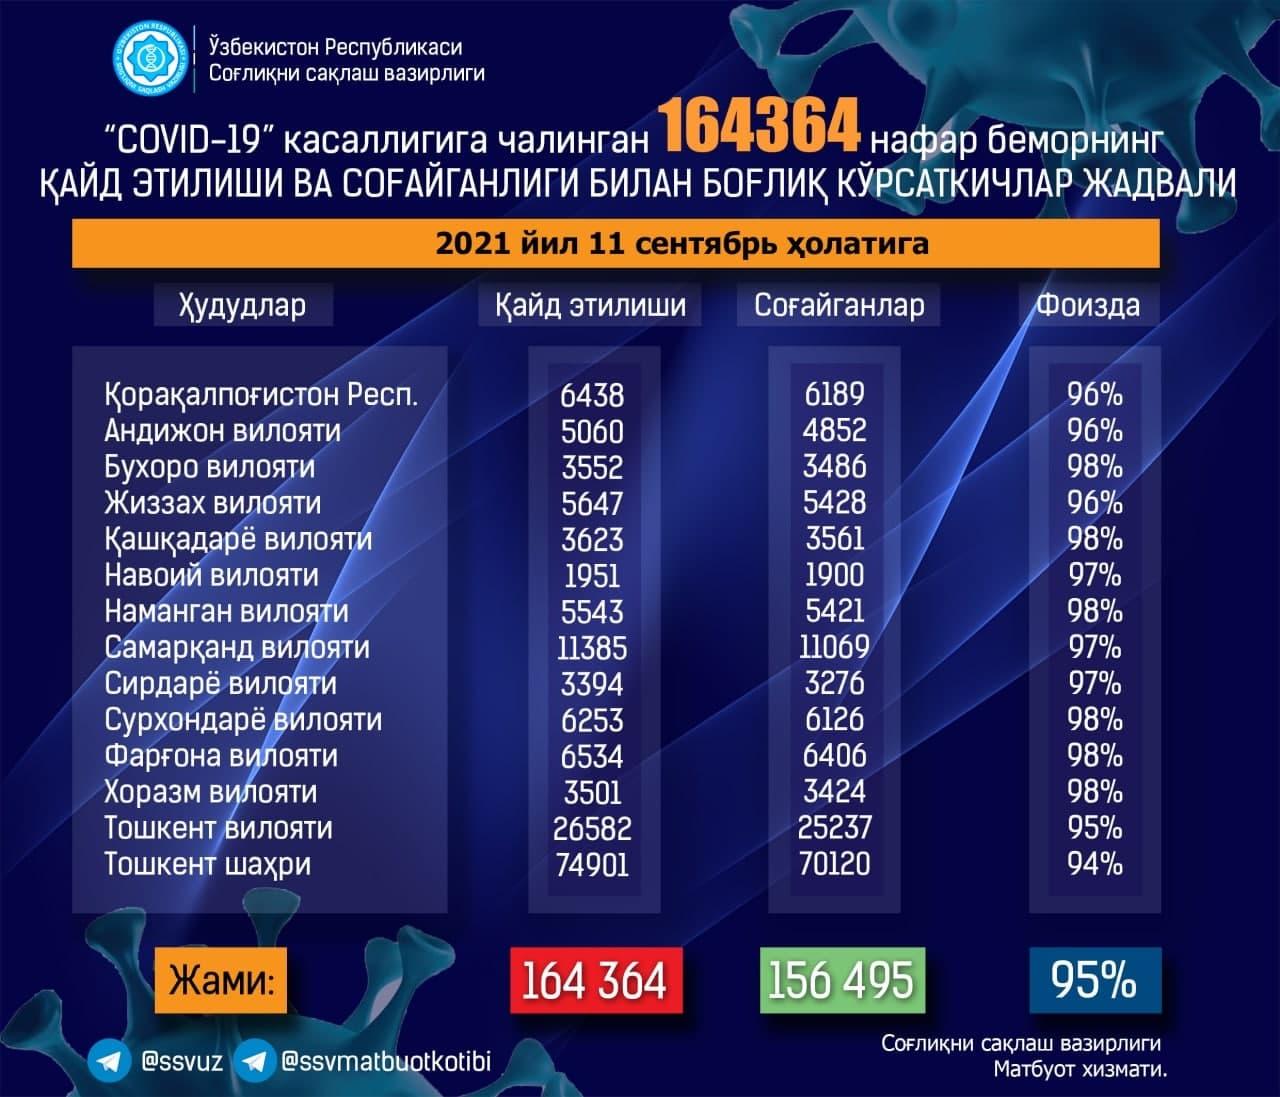 Минздрав опубликовал официальные данные по зараженным коронавирусом